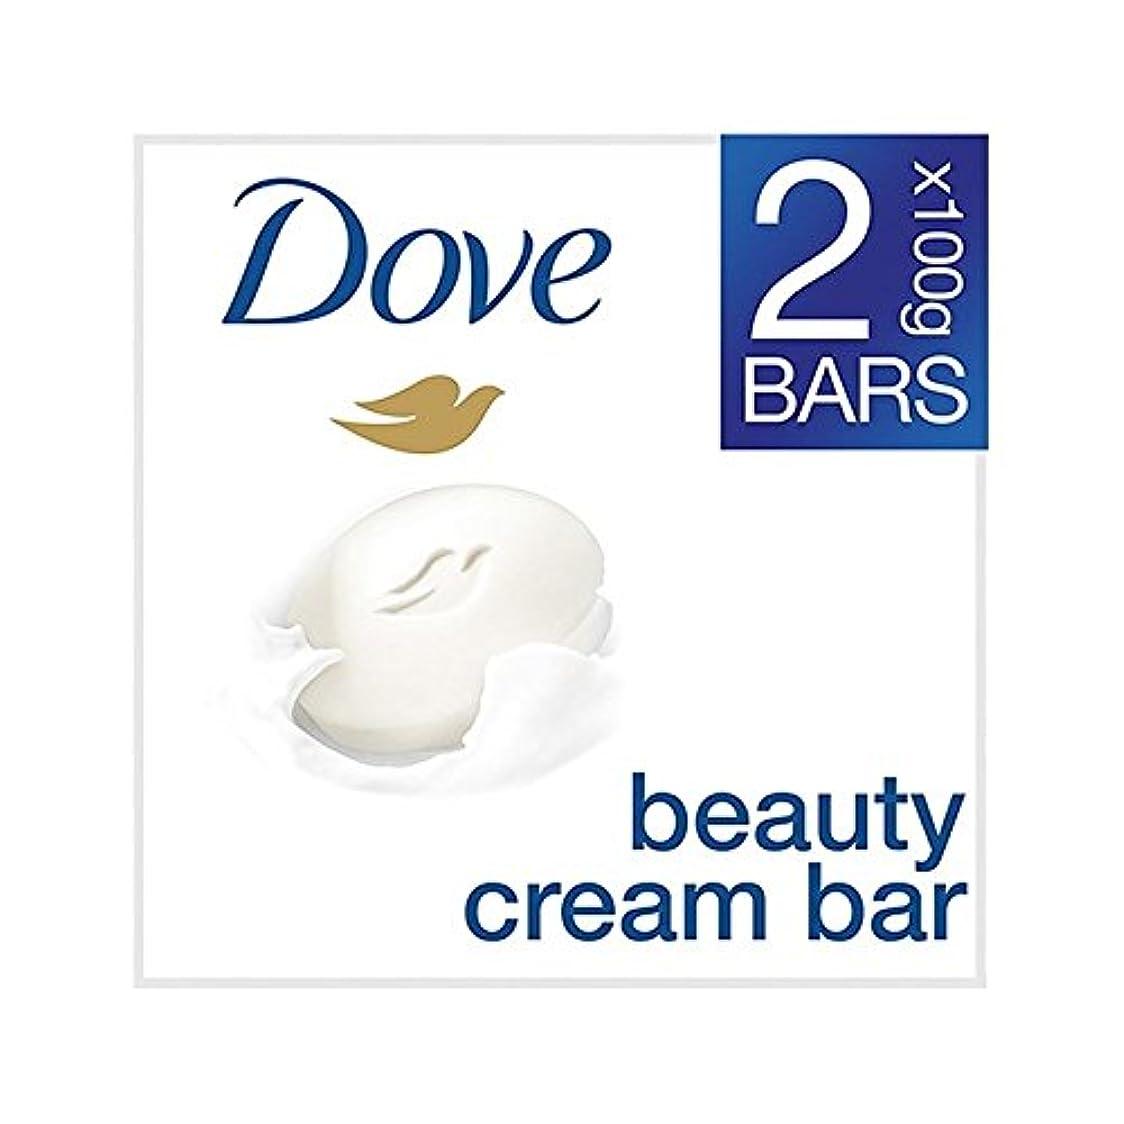 コスチューム会員削る[Dove ] 鳩の美容クリームバーオリジナルの2×100グラム - Dove Beauty Cream Bar Original 2 x 100g [並行輸入品]